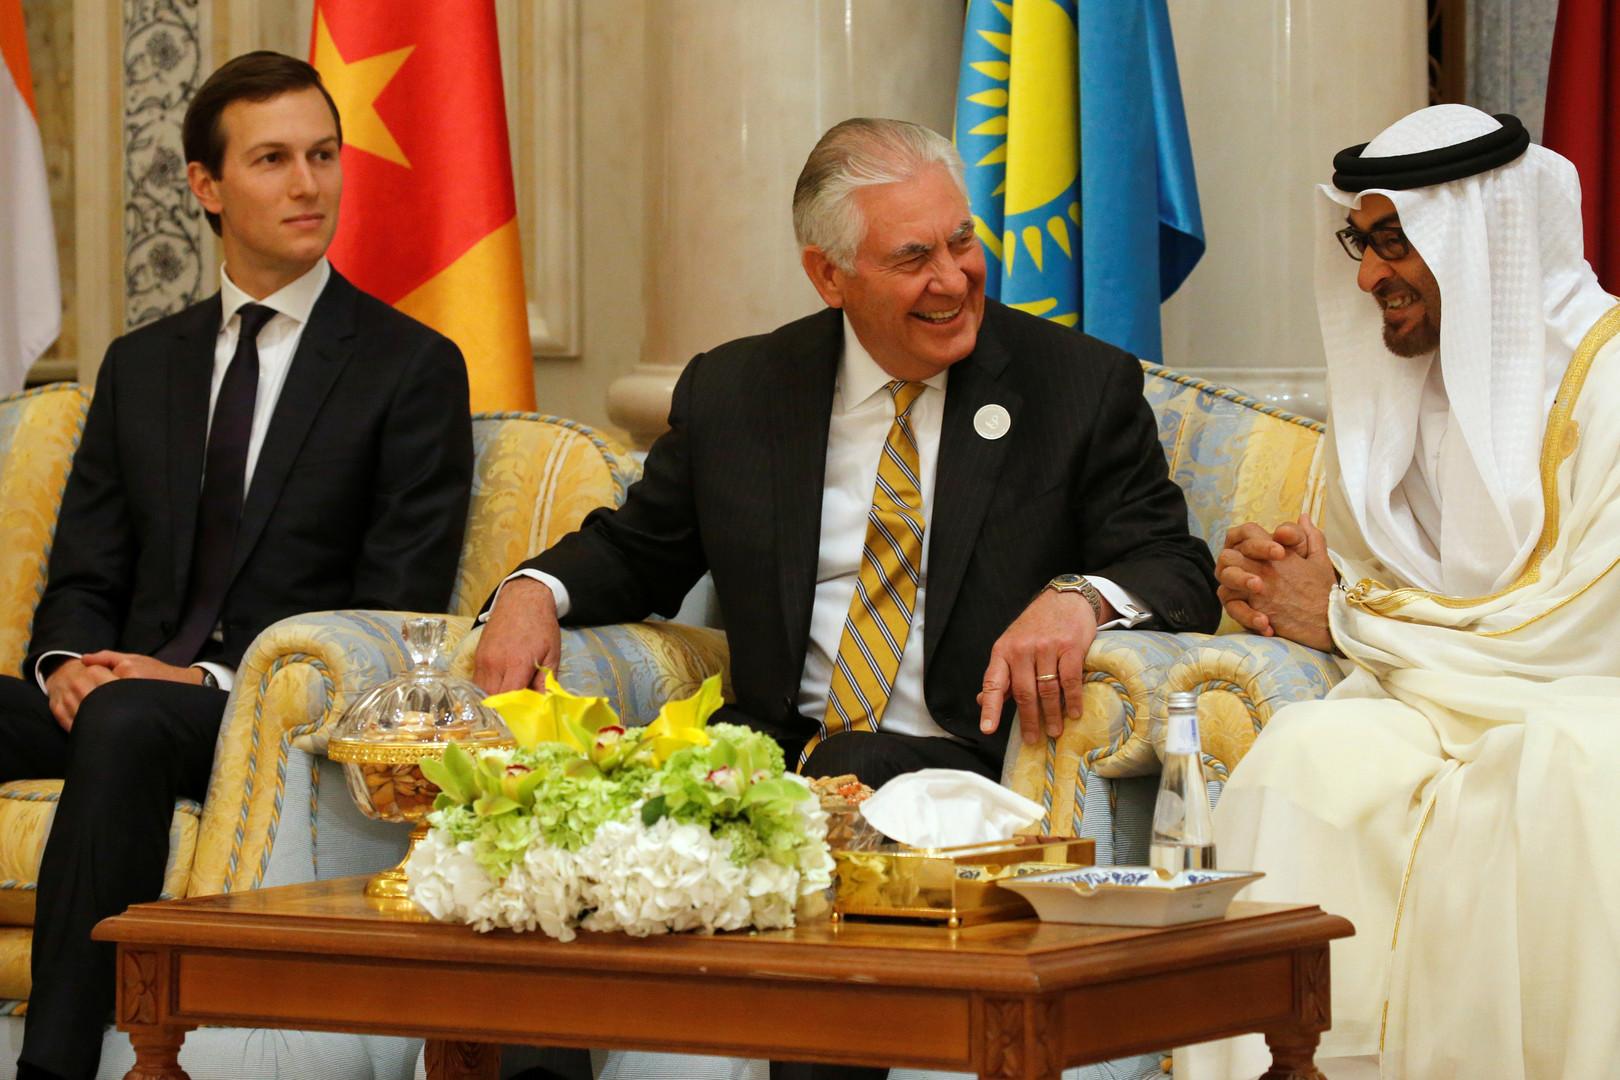 Удалённый доступ: Тиллерсон не пригласил американские СМИ на пресс-конференцию в Эр-Рияде